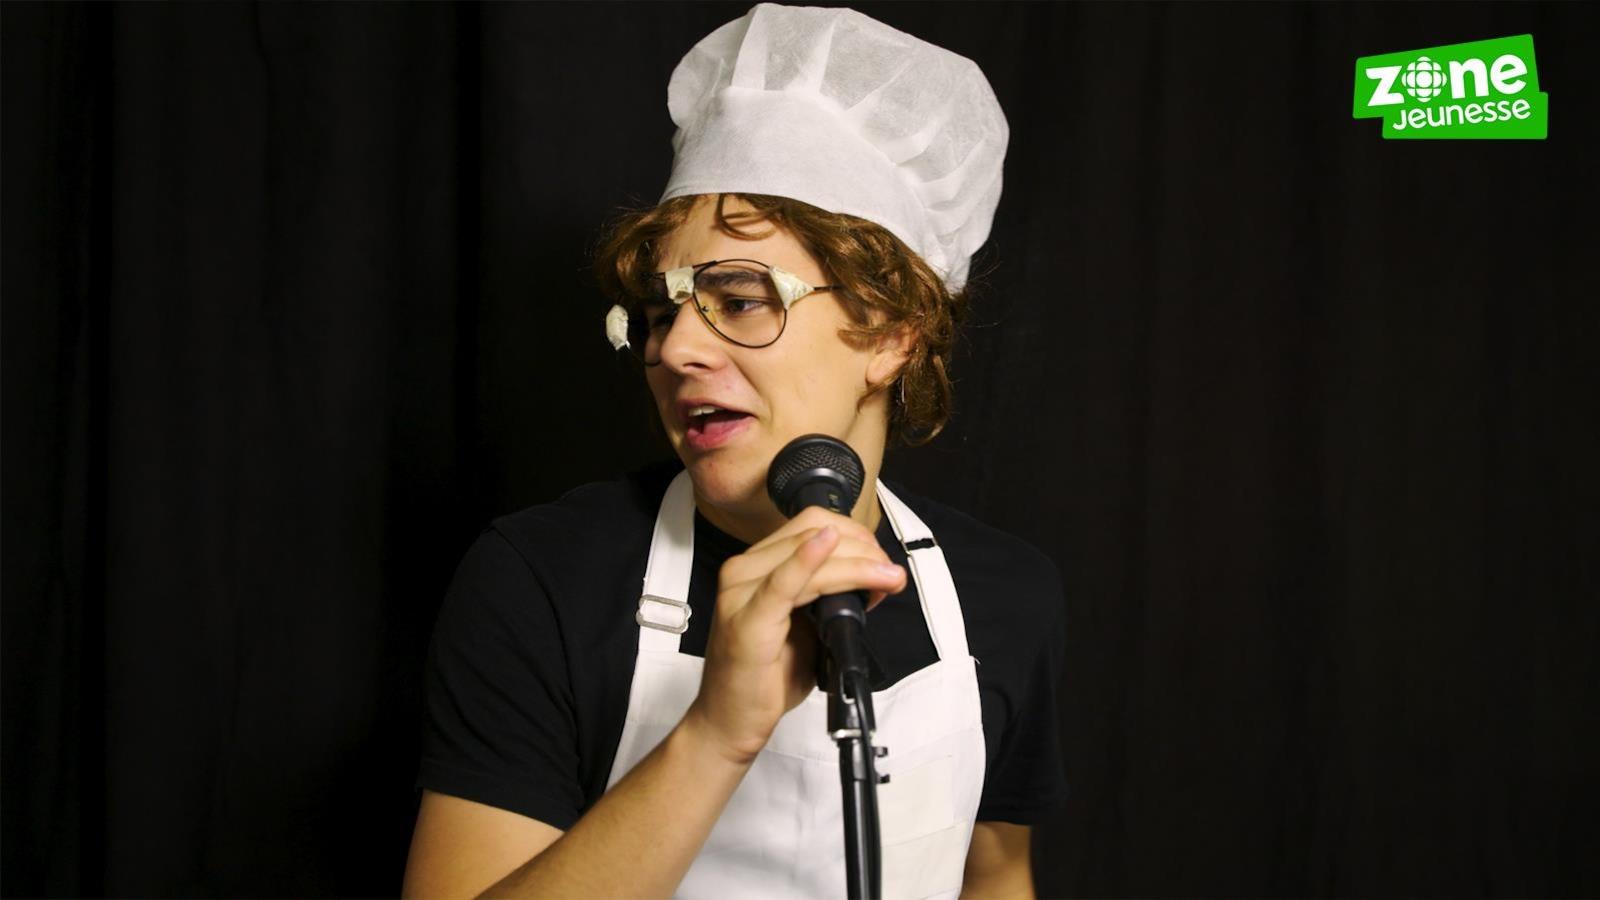 Il est déguisé en chef cuisinier